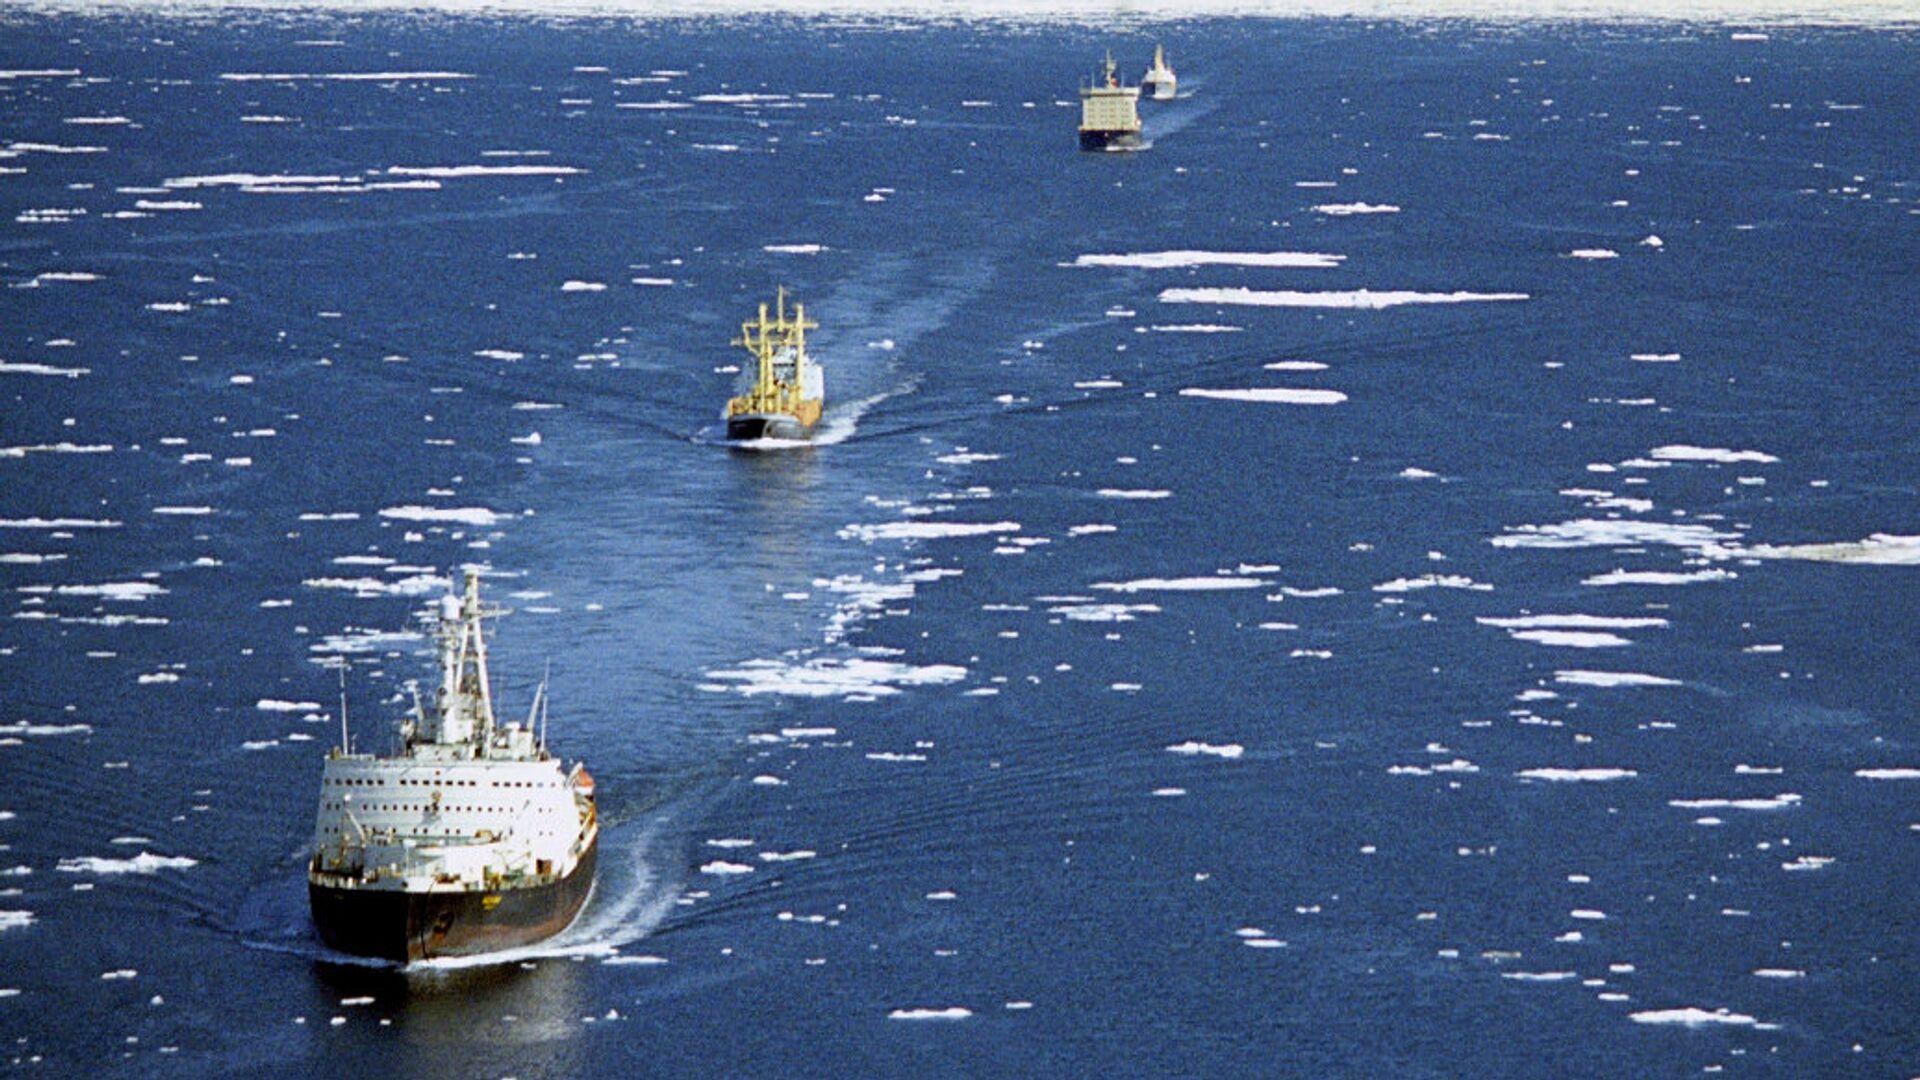 Караван транспортных судов в сопровождении ледоколов проходит по Северному морскому пути - РИА Новости, 1920, 01.04.2021